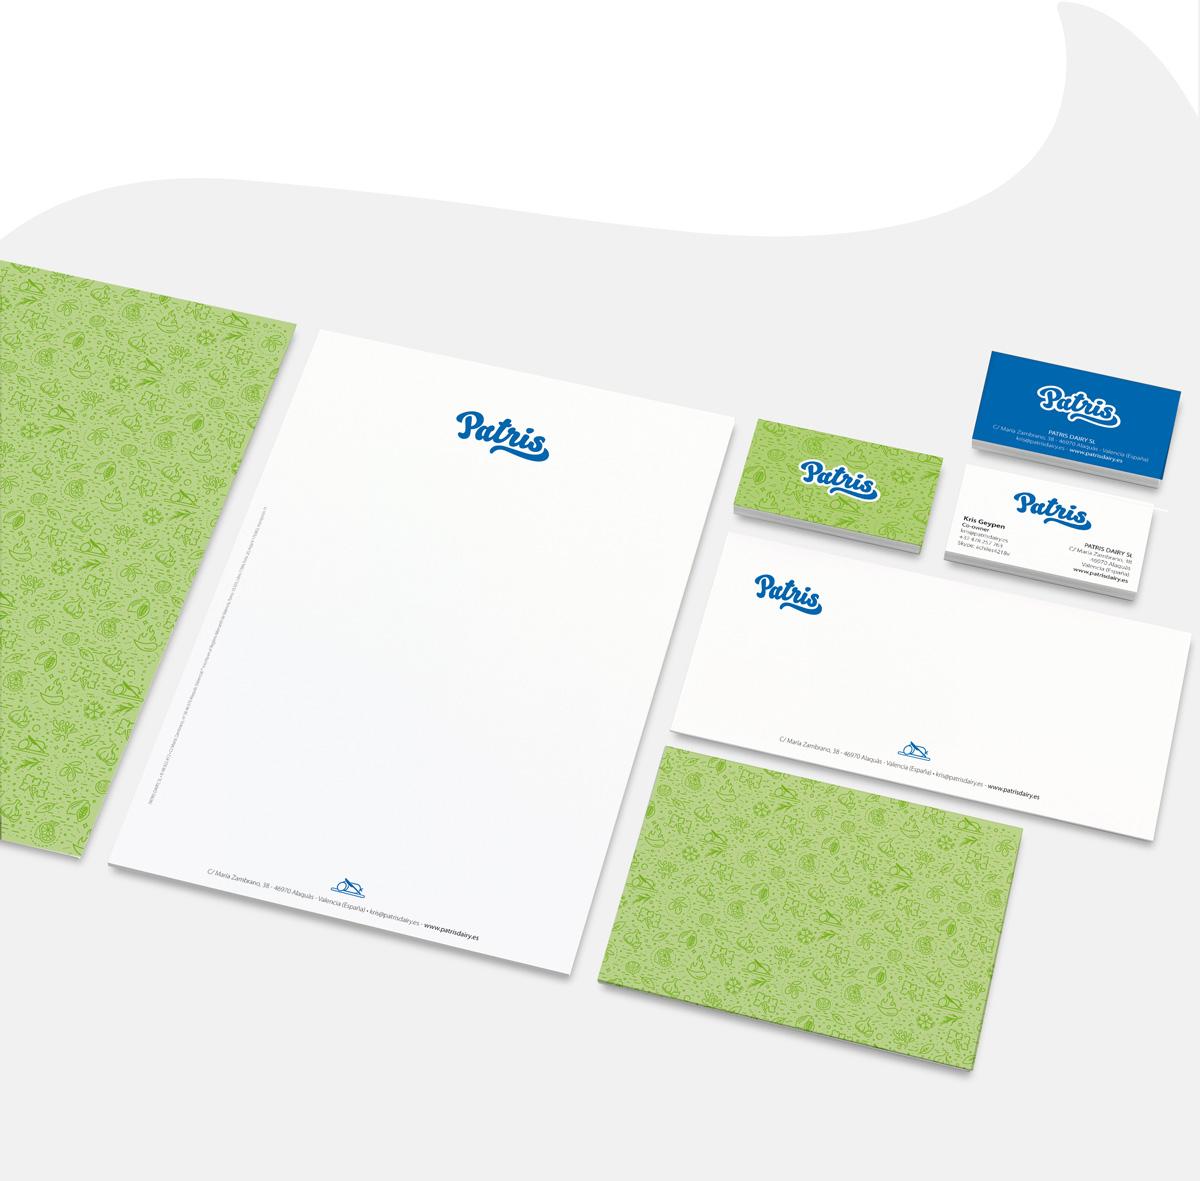 identidad corporativa papeleria comercial patris